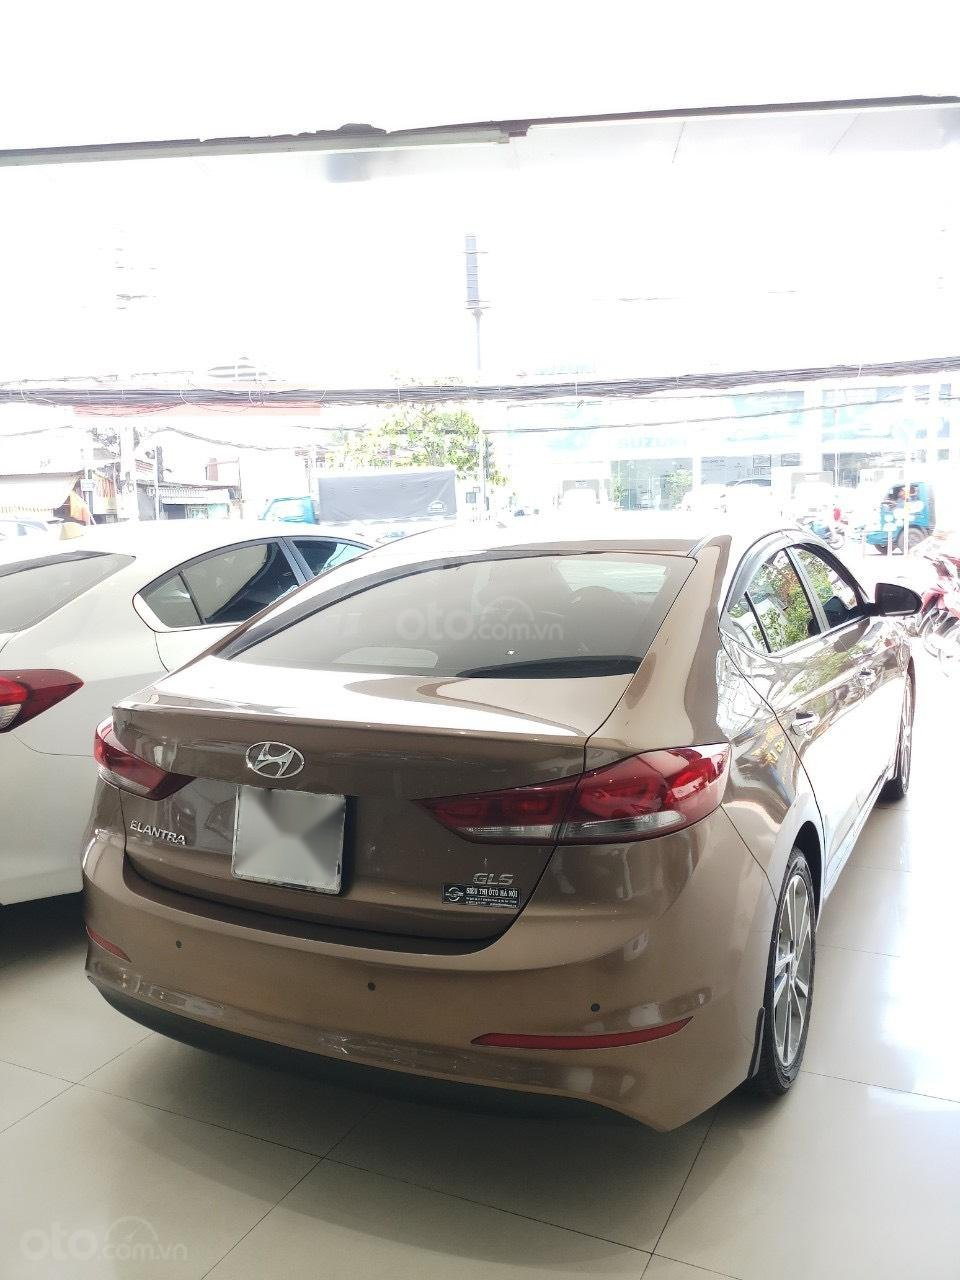 Cần bán Hyundai Elantra 2.0 AT vàng cát 2017 đẹp nguyên bản như mới (5)